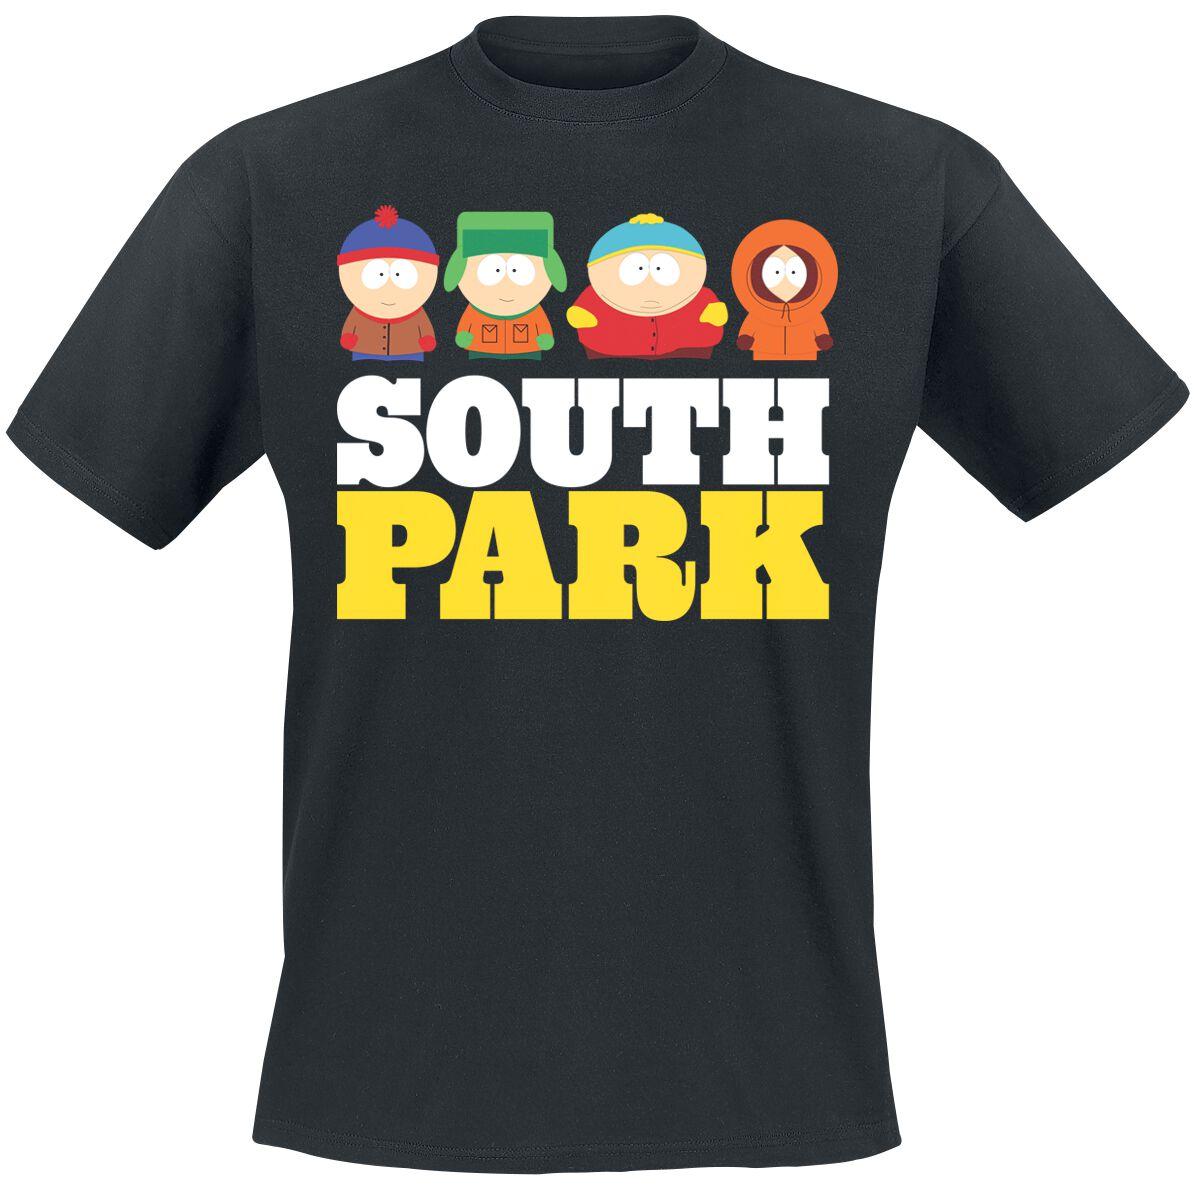 South Park South Park T-Shirt schwarz MTV-1- SP 001-H90- 10-BK-S Fruit Black